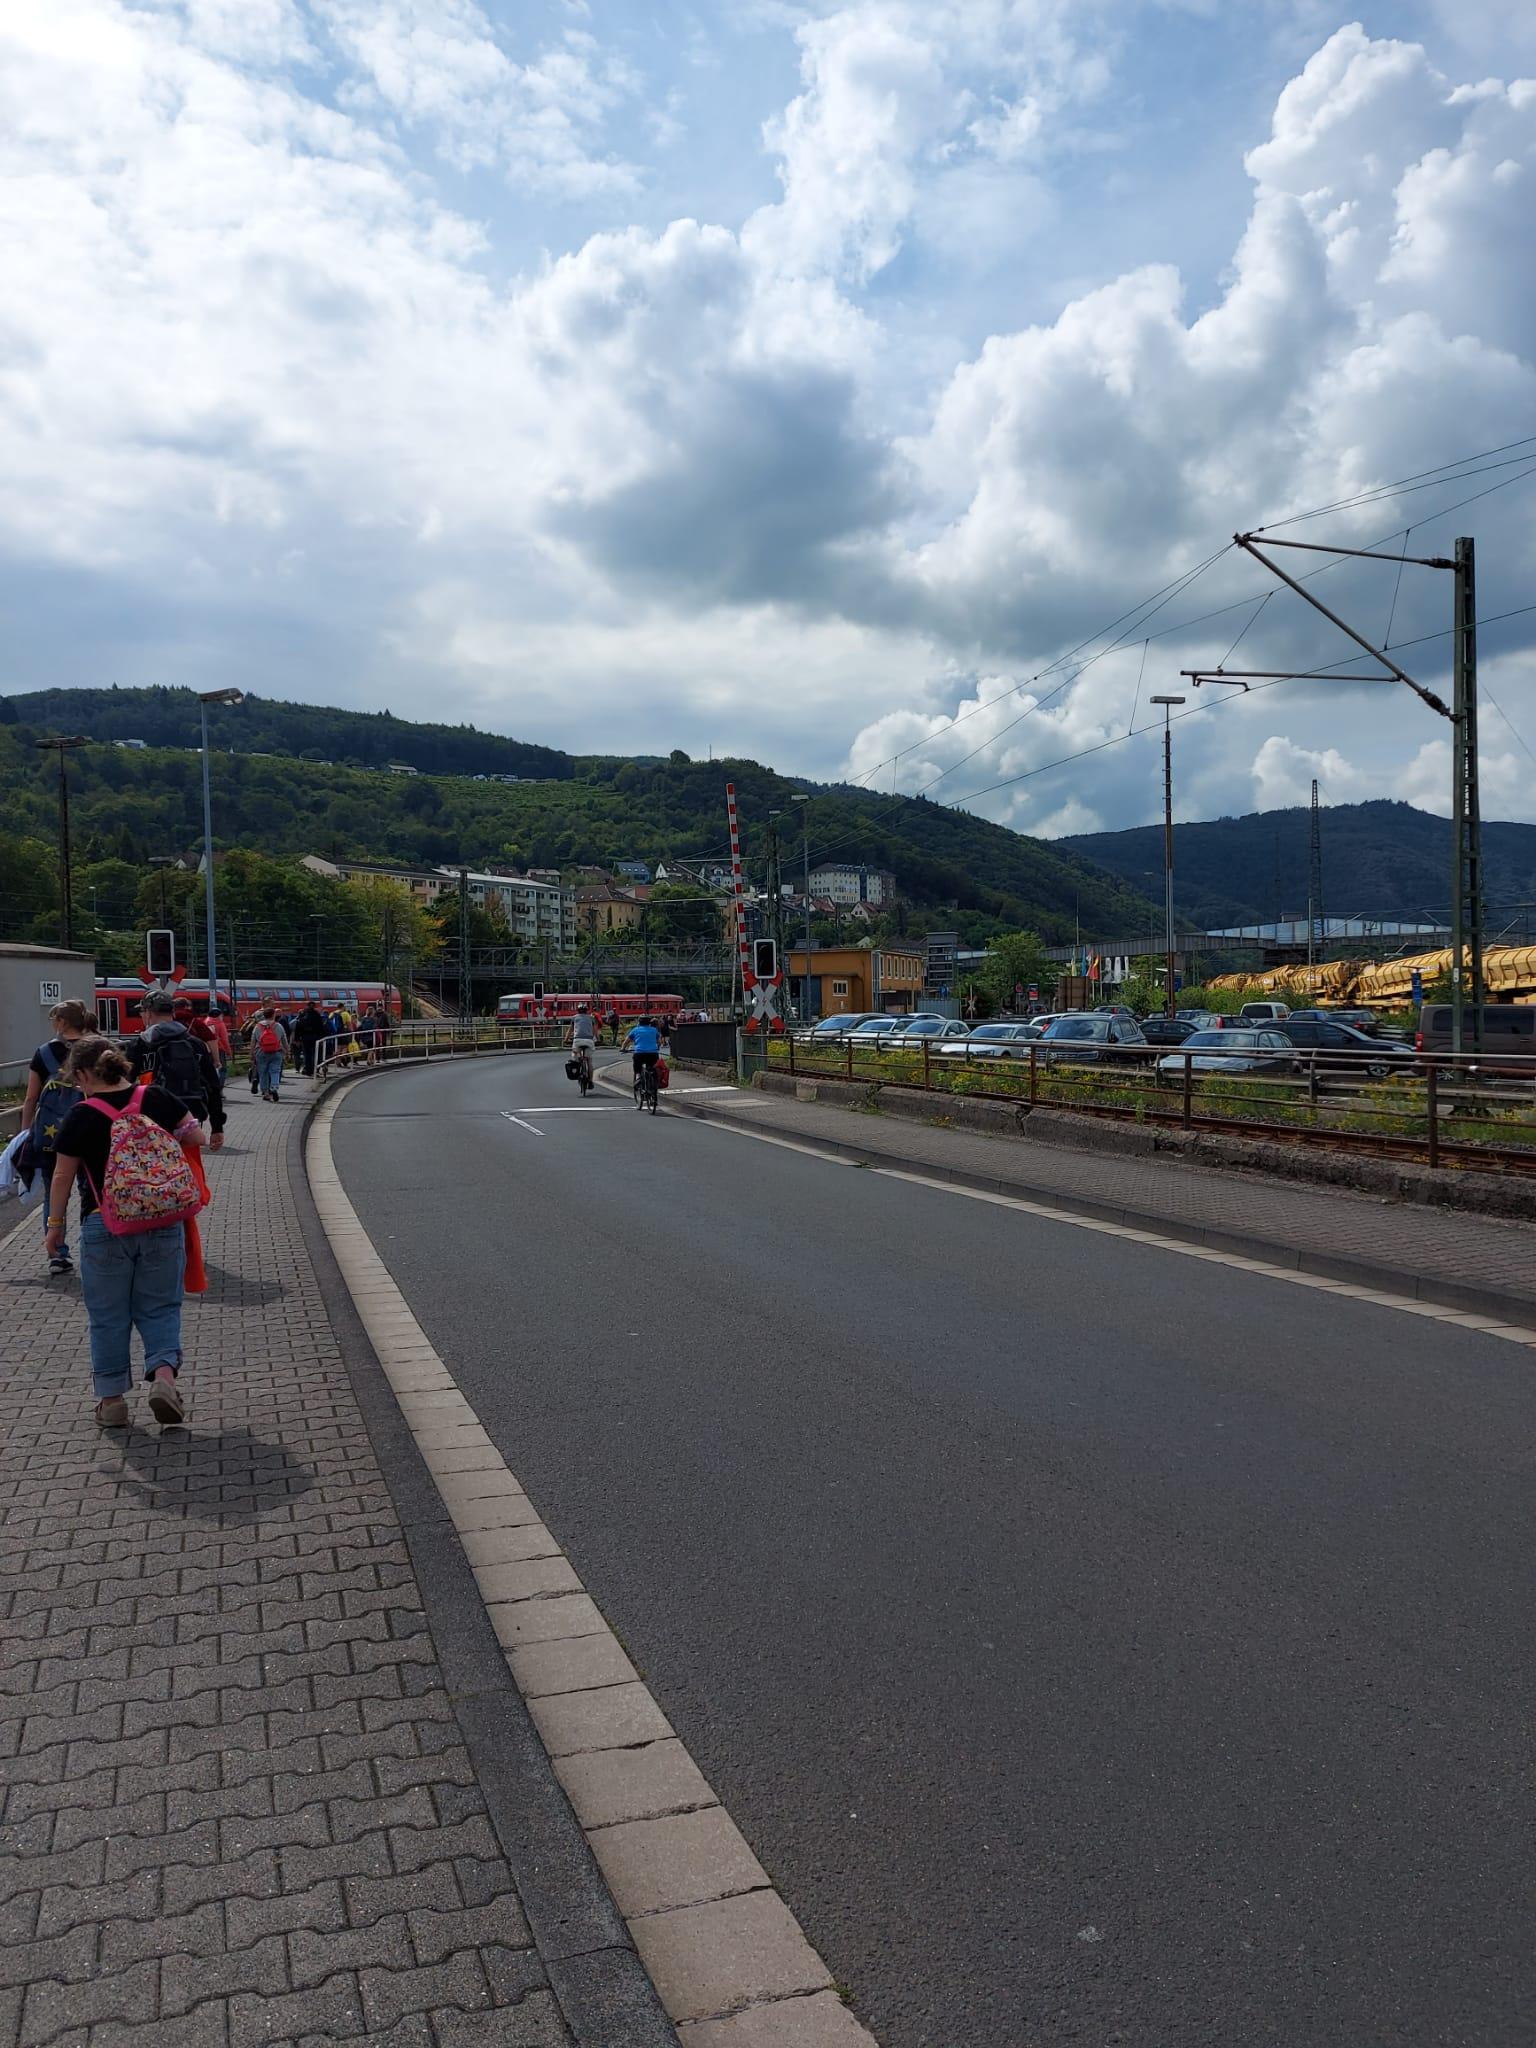 Shoppen in Bingen